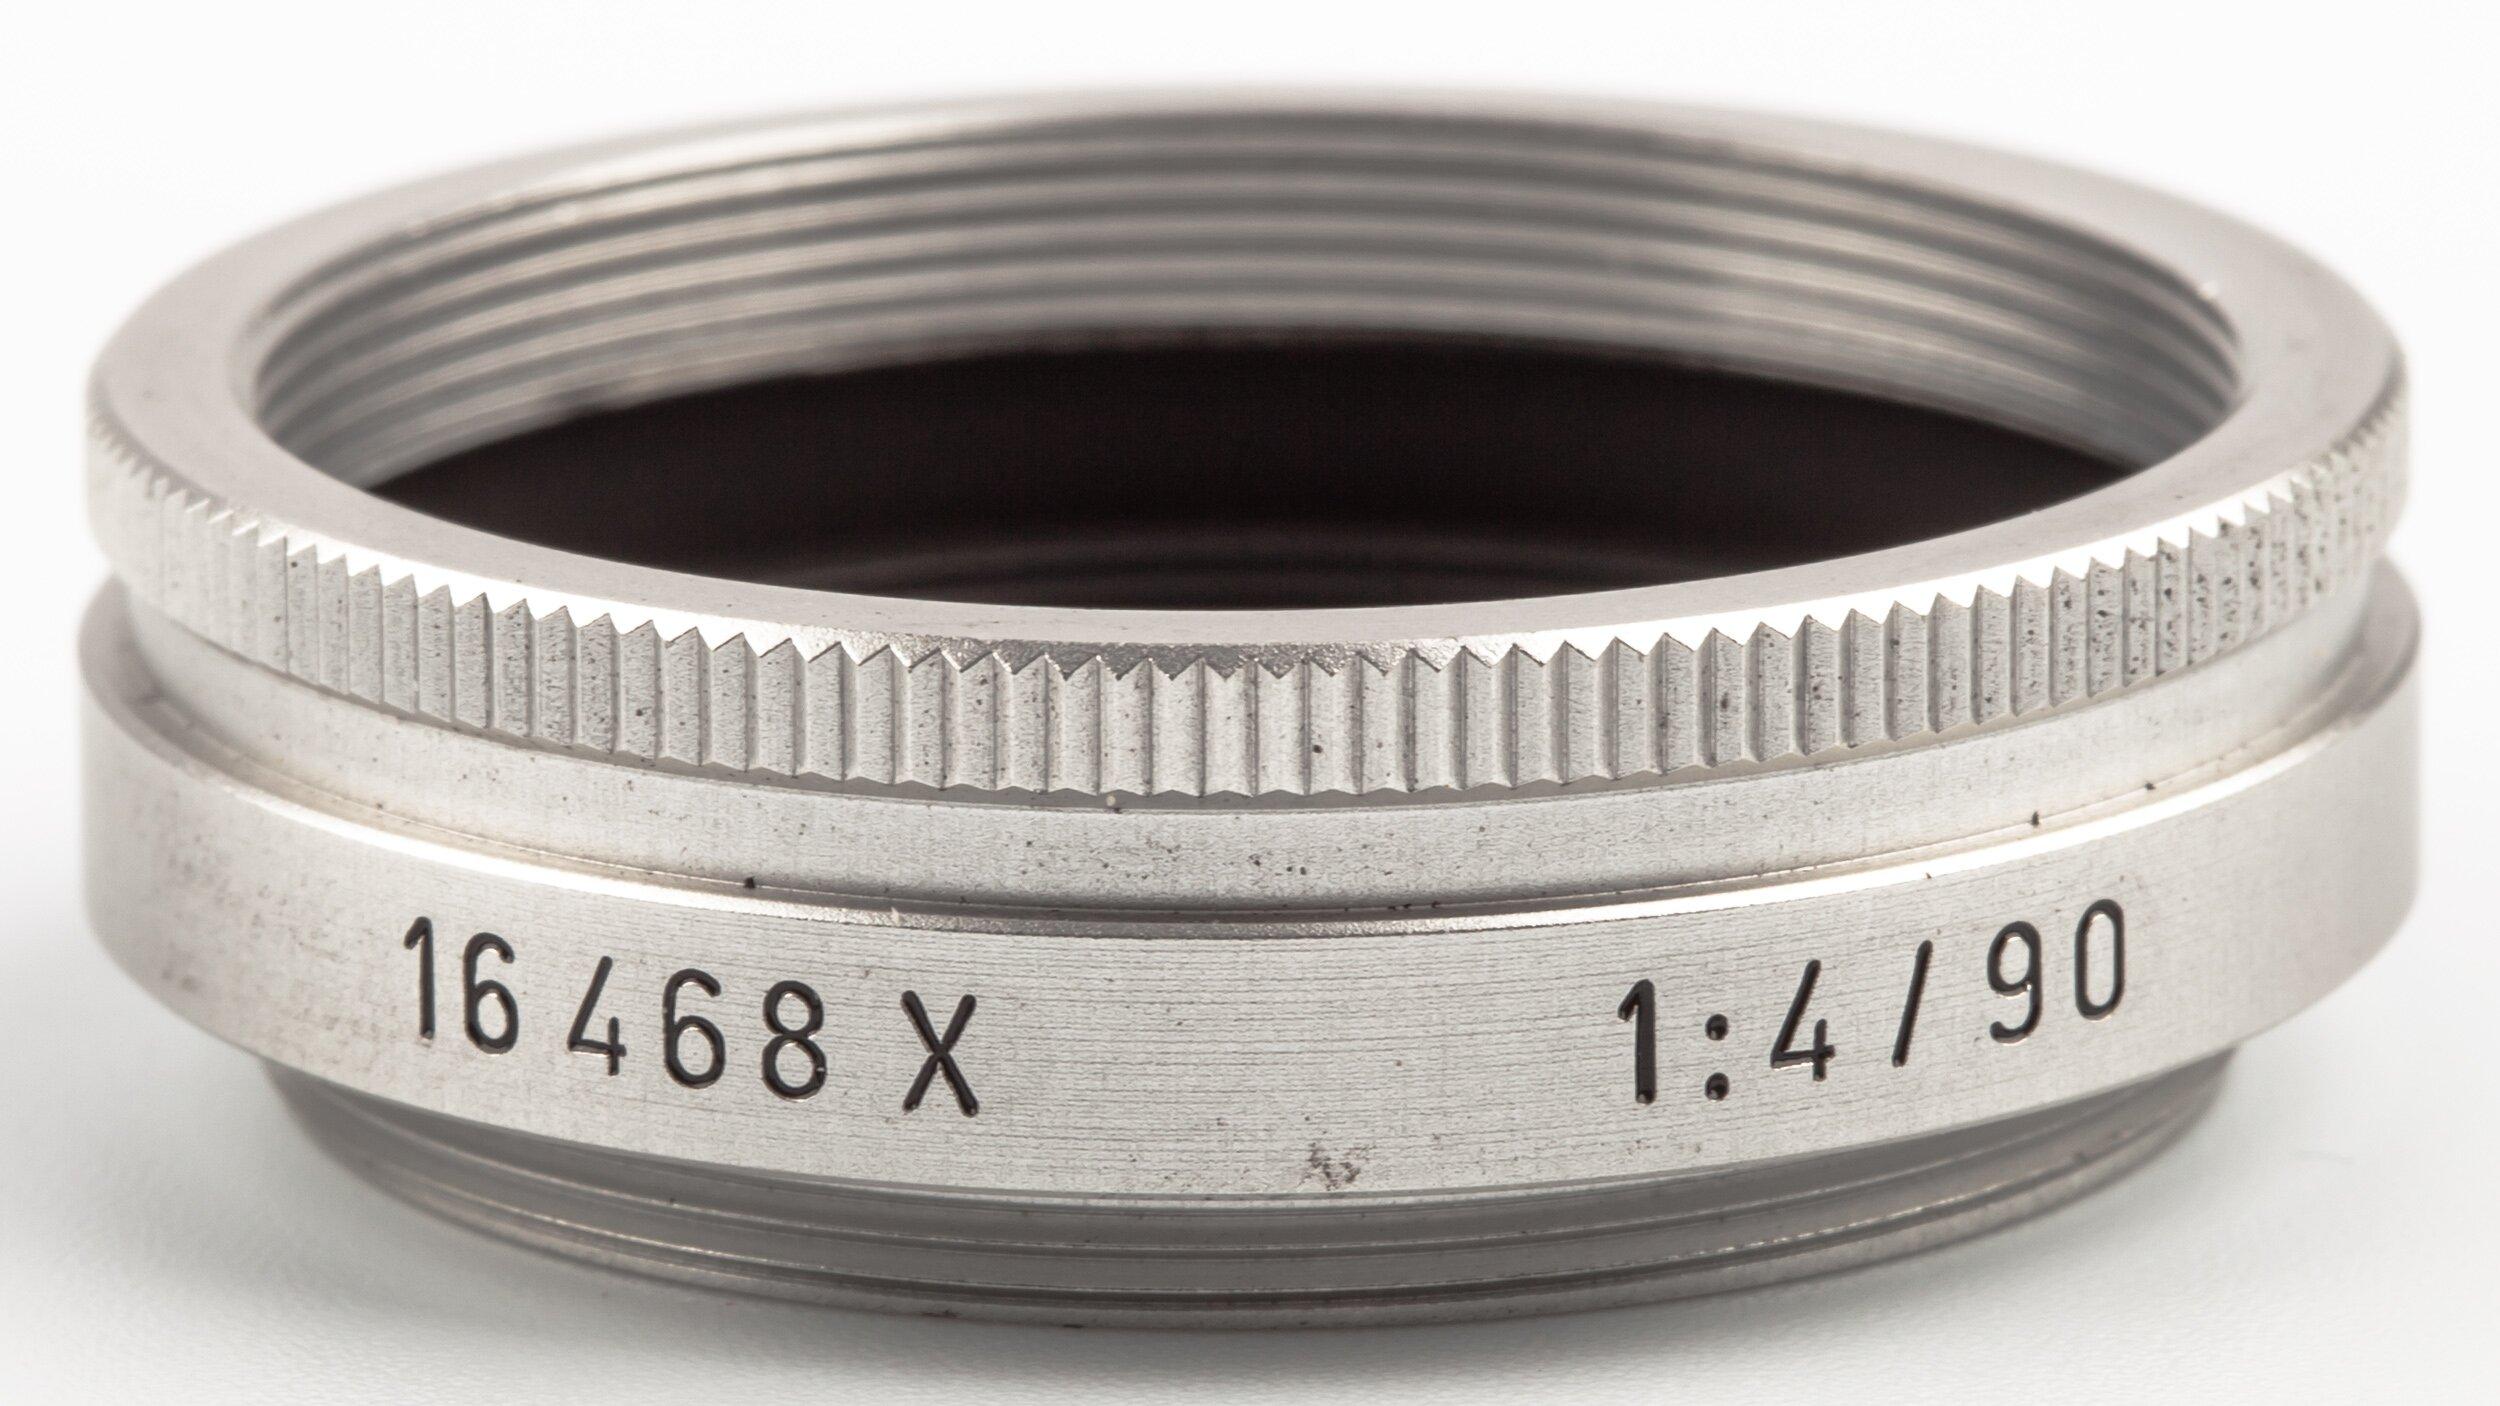 Leica Zwischenring für 90mm OTQNO 16468X